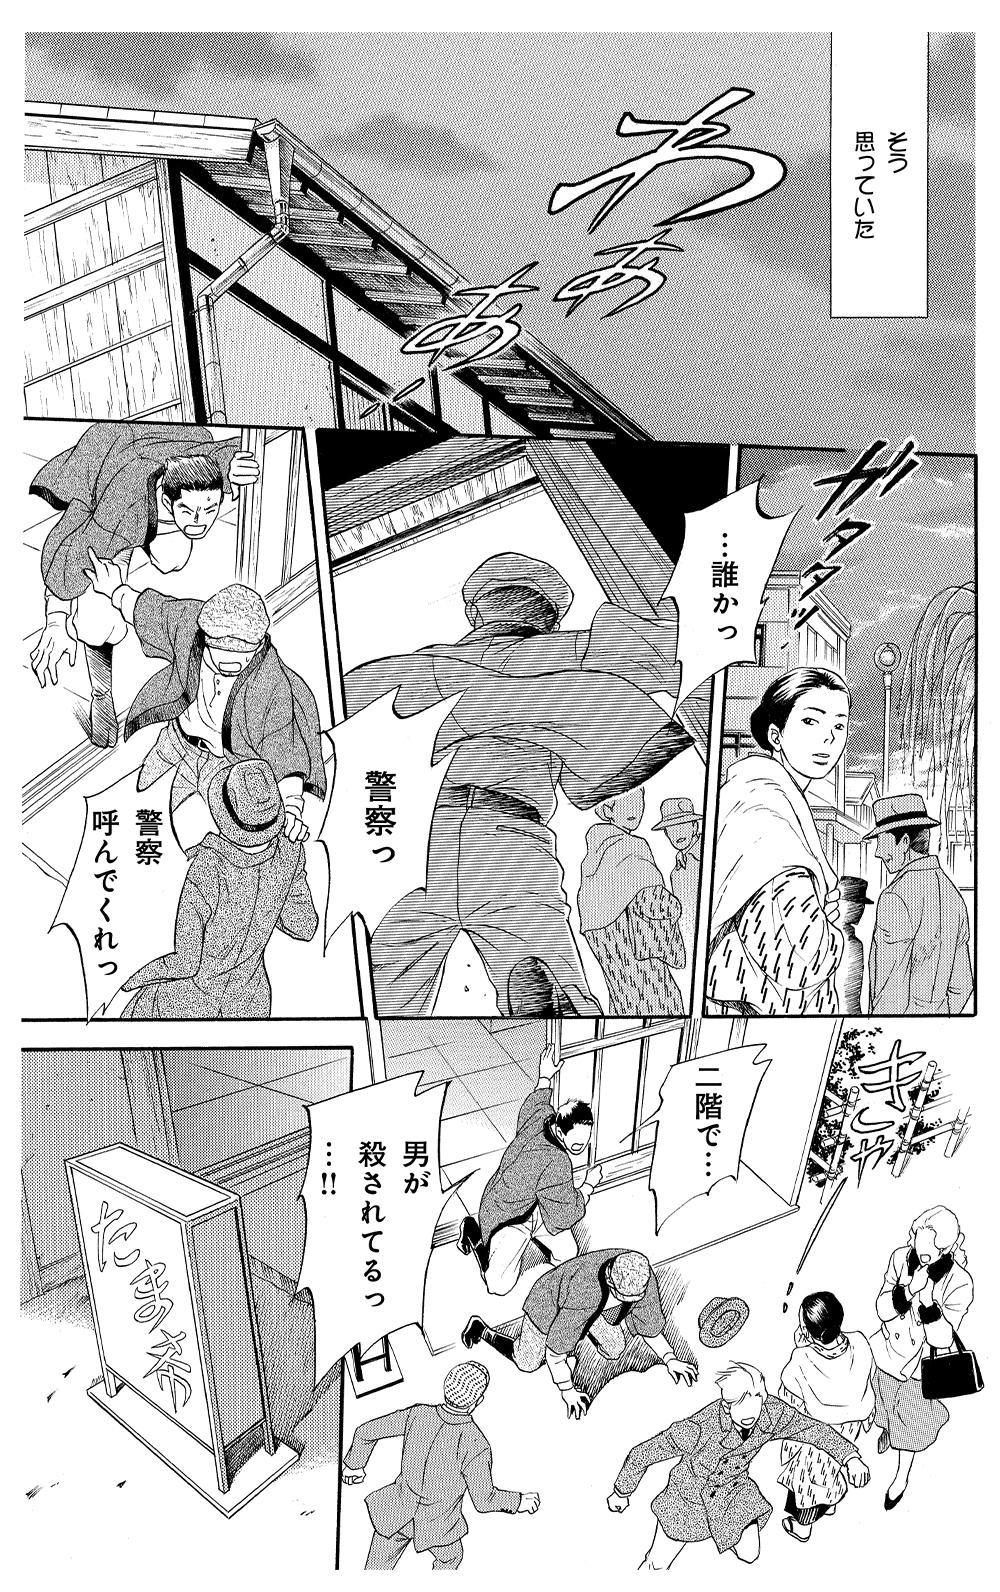 鵼の絵師 第2話「おきみやげ」②nuenoeshi04-08.jpg